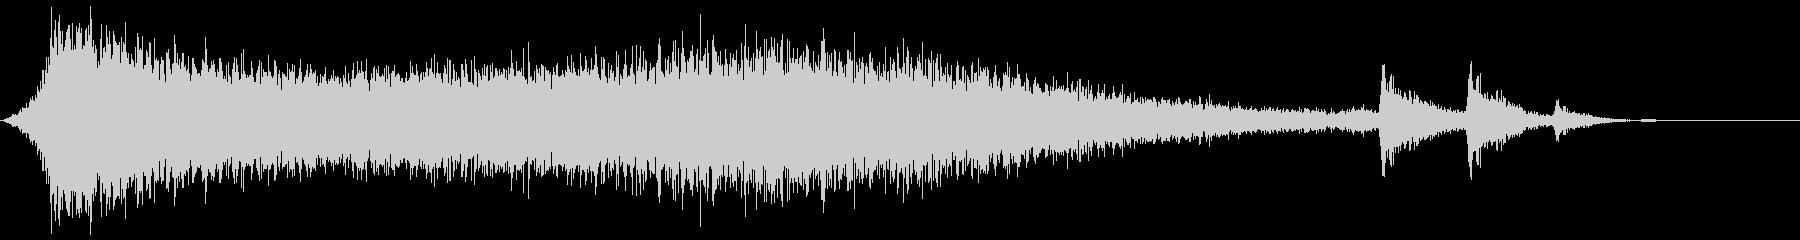 【ホラーゲーム】サウンドスケイプ_03の未再生の波形